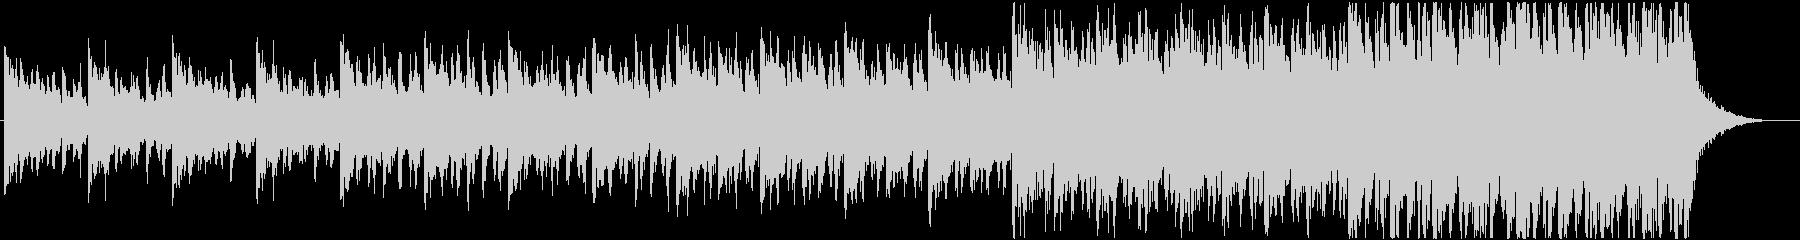 緊迫感のあるシネマティック曲 5-1の未再生の波形